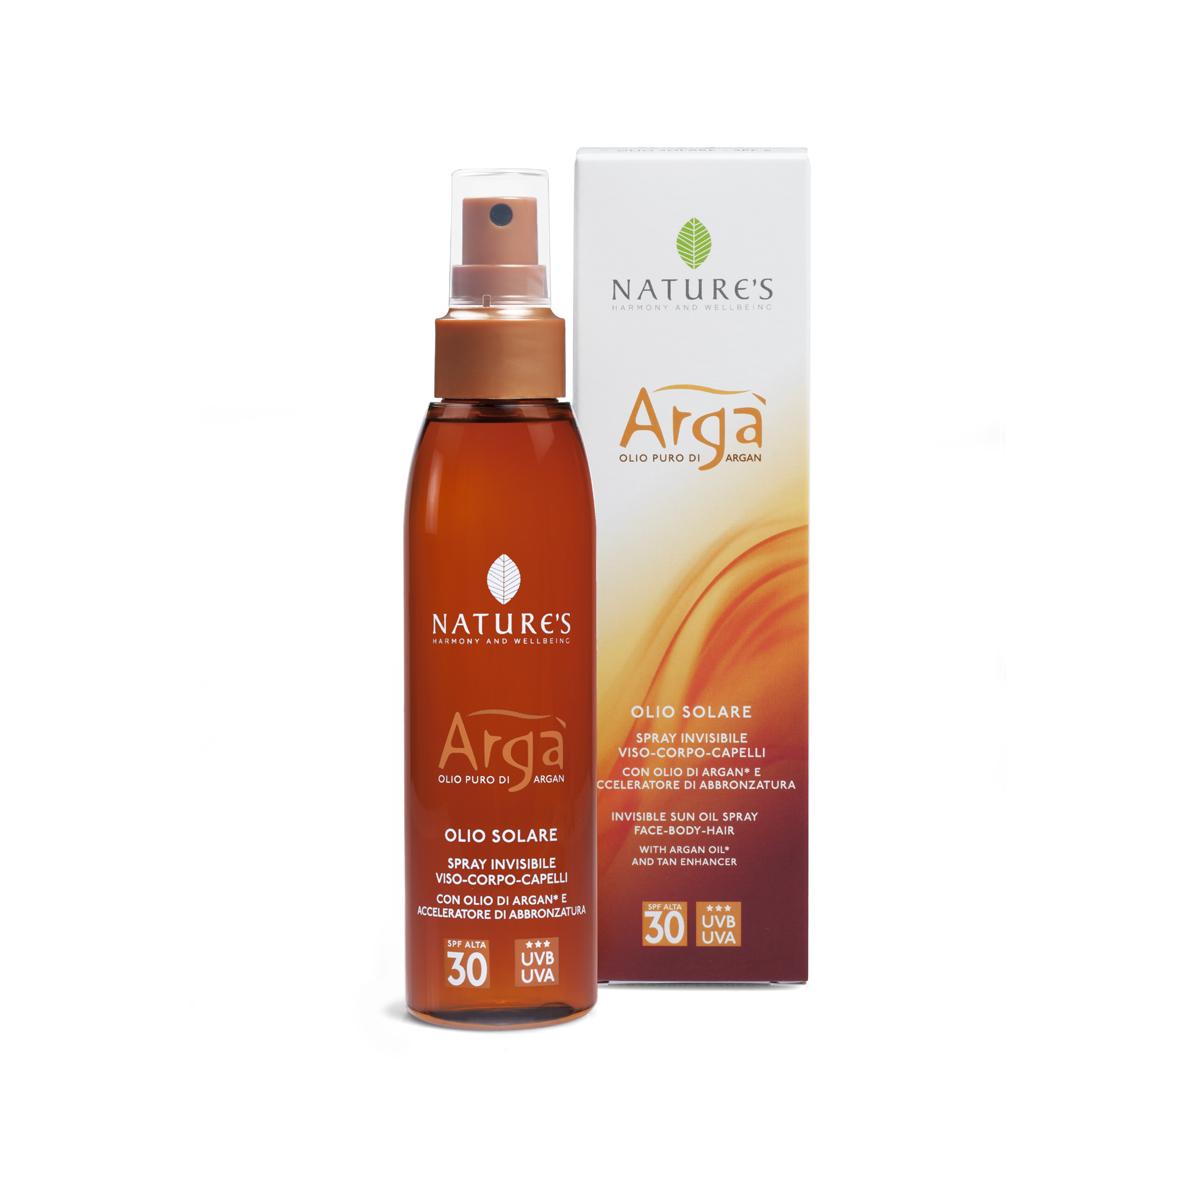 Natures Arga Масло для лица и тела SPF30, 150 млSP0054Инновационное средство с высоким фактором защиты от солнца рекомендуется для светлой (бледной) и нормальной кожи. Свежая, легкая, незаметная текстура на основе масла Арги содержит витамины и антиоксиданты, надежно сохраняет, увлажняет и питает кожу, быстро впитывается, не оставляя жирного блеска. Специальные компоненты – активаторы загара Oleoyl tyrosine (Олеоил Тирозина) и Loofah oil (масло Люфы) способствуют получению красивого бронзового оттенка кожи. Эксперты (BSRS 2008) отмечают хорошую защиту от фотостарения (UVA-лучей) и от повреждения кожных покровов (UVB-лучей). Эсхансеры обеспечивают доставку активных компонентов через эпидермис, не повреждая естественный липидный слой кожи. Средство водостойкое, не содержит парабены. Проведены контрольные дерматологические тесты и тесты на содержание никеля. Гарантии производителя – на упаковке.